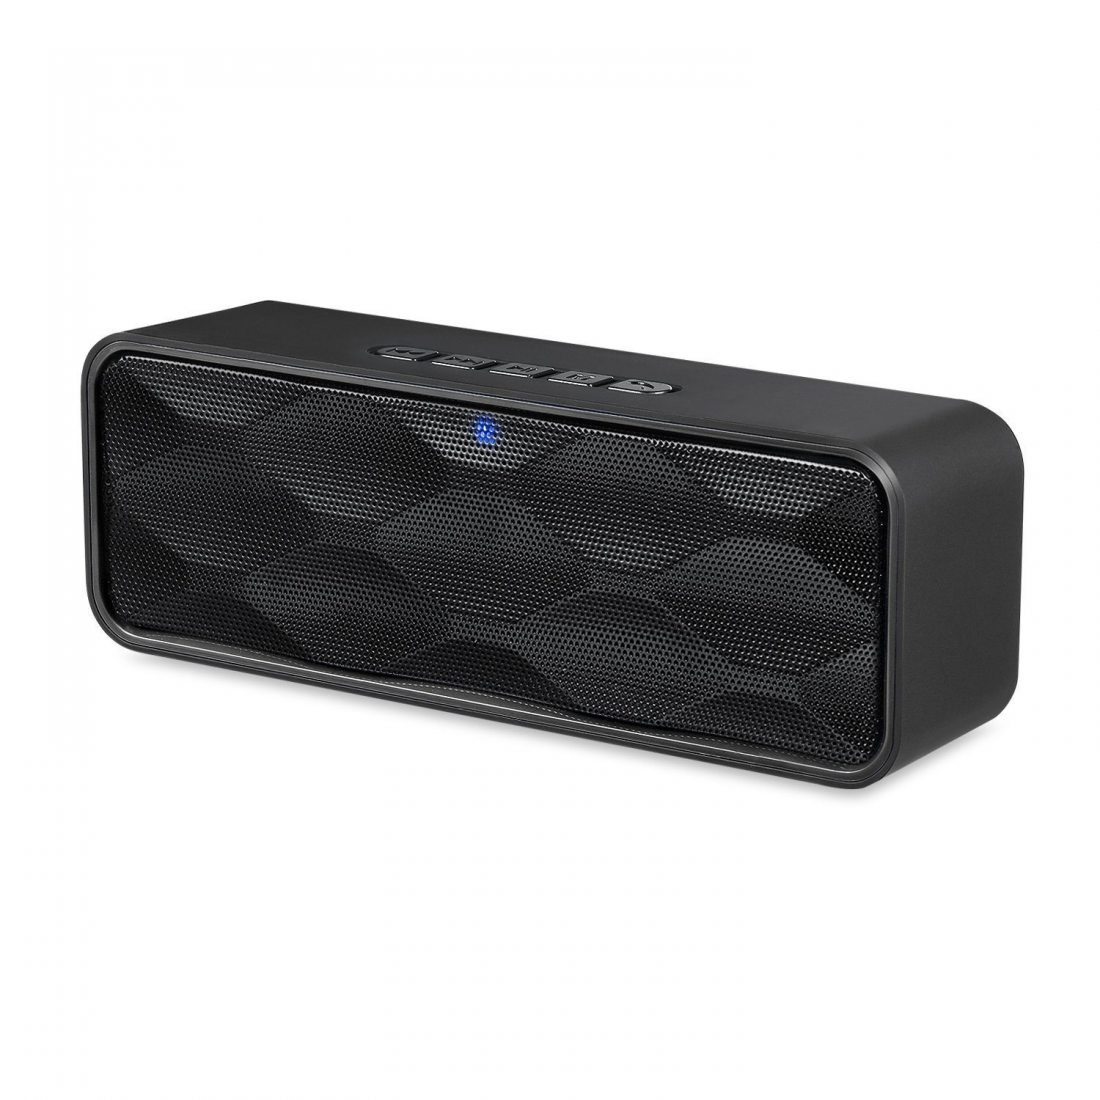 Enceinte Bluetooth Portable, ZoeeTree S1 Haut-Parleur Sans Fil, Bluetooth 4.2, Subwoofer, Son HD Stéréo, Mains Libres Télépho